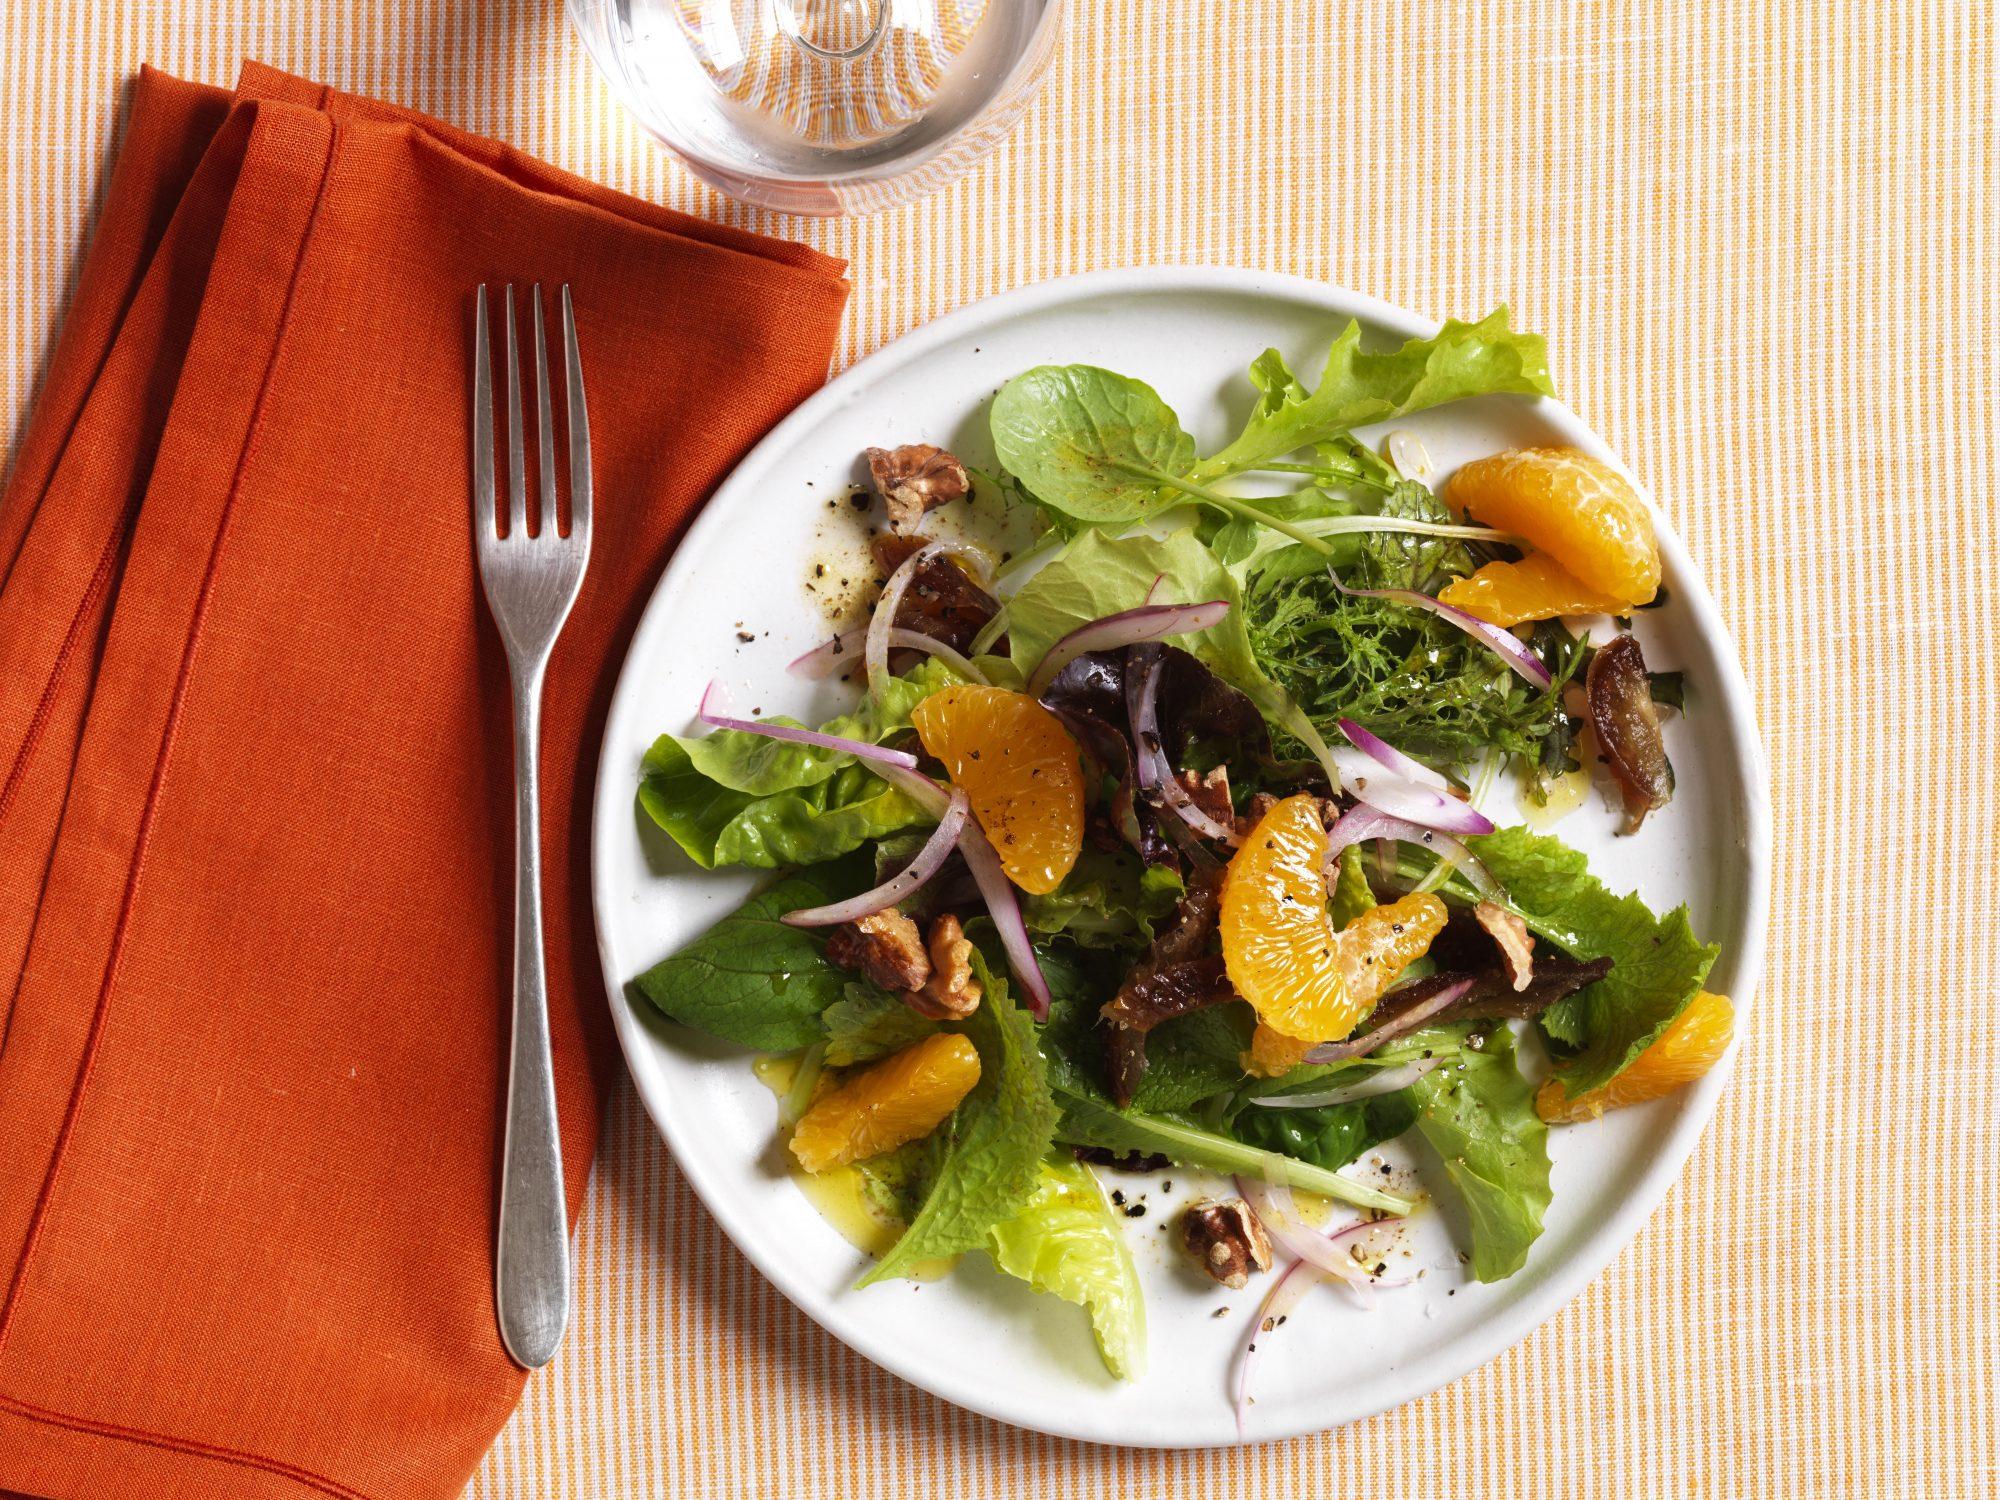 Clementine, Date & Walnut Salad